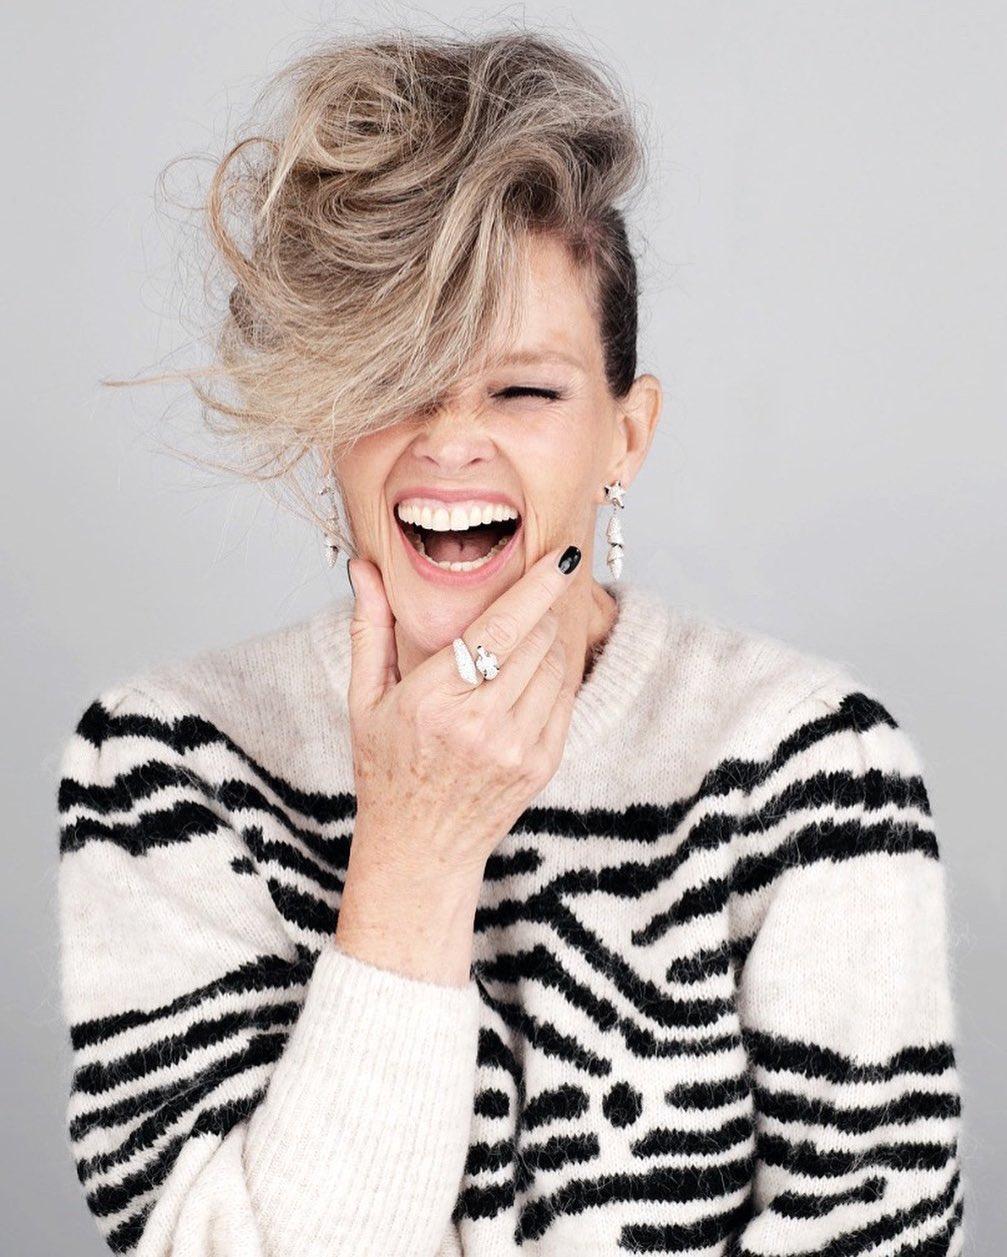 модные стрижки на короткие волосы для женщин 40 лет фото 7